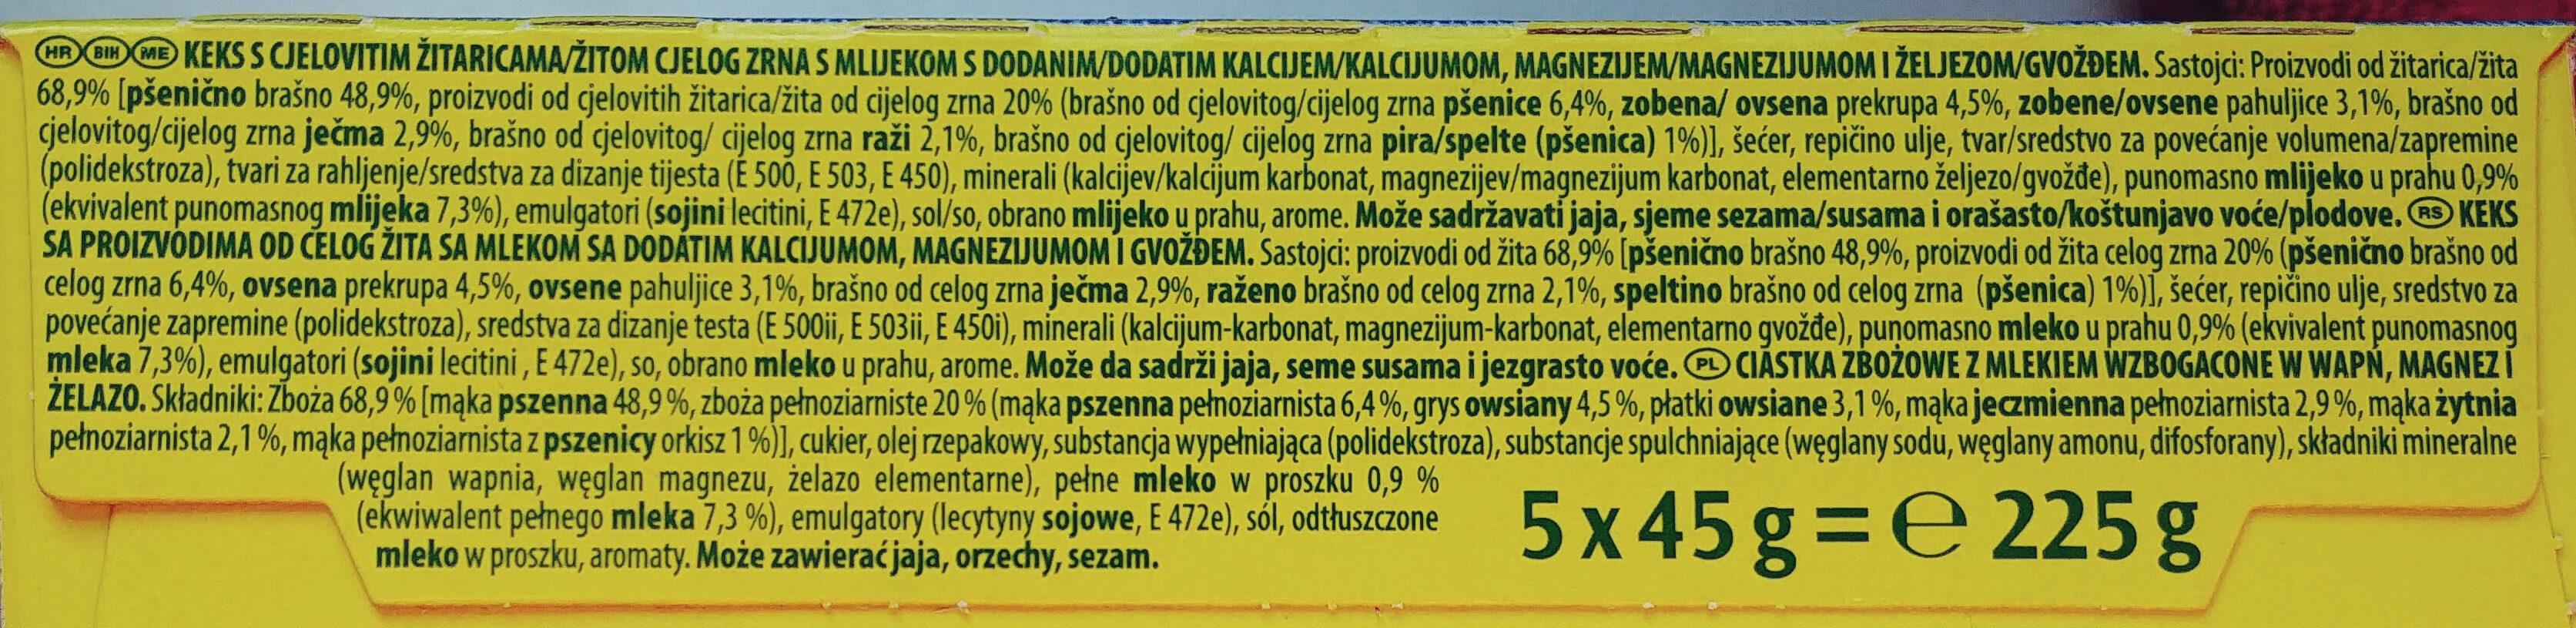 Ciastka zbożowe z mlekiem wzbogacone w wapń, magnez i żelazo. - Ingredients - pl